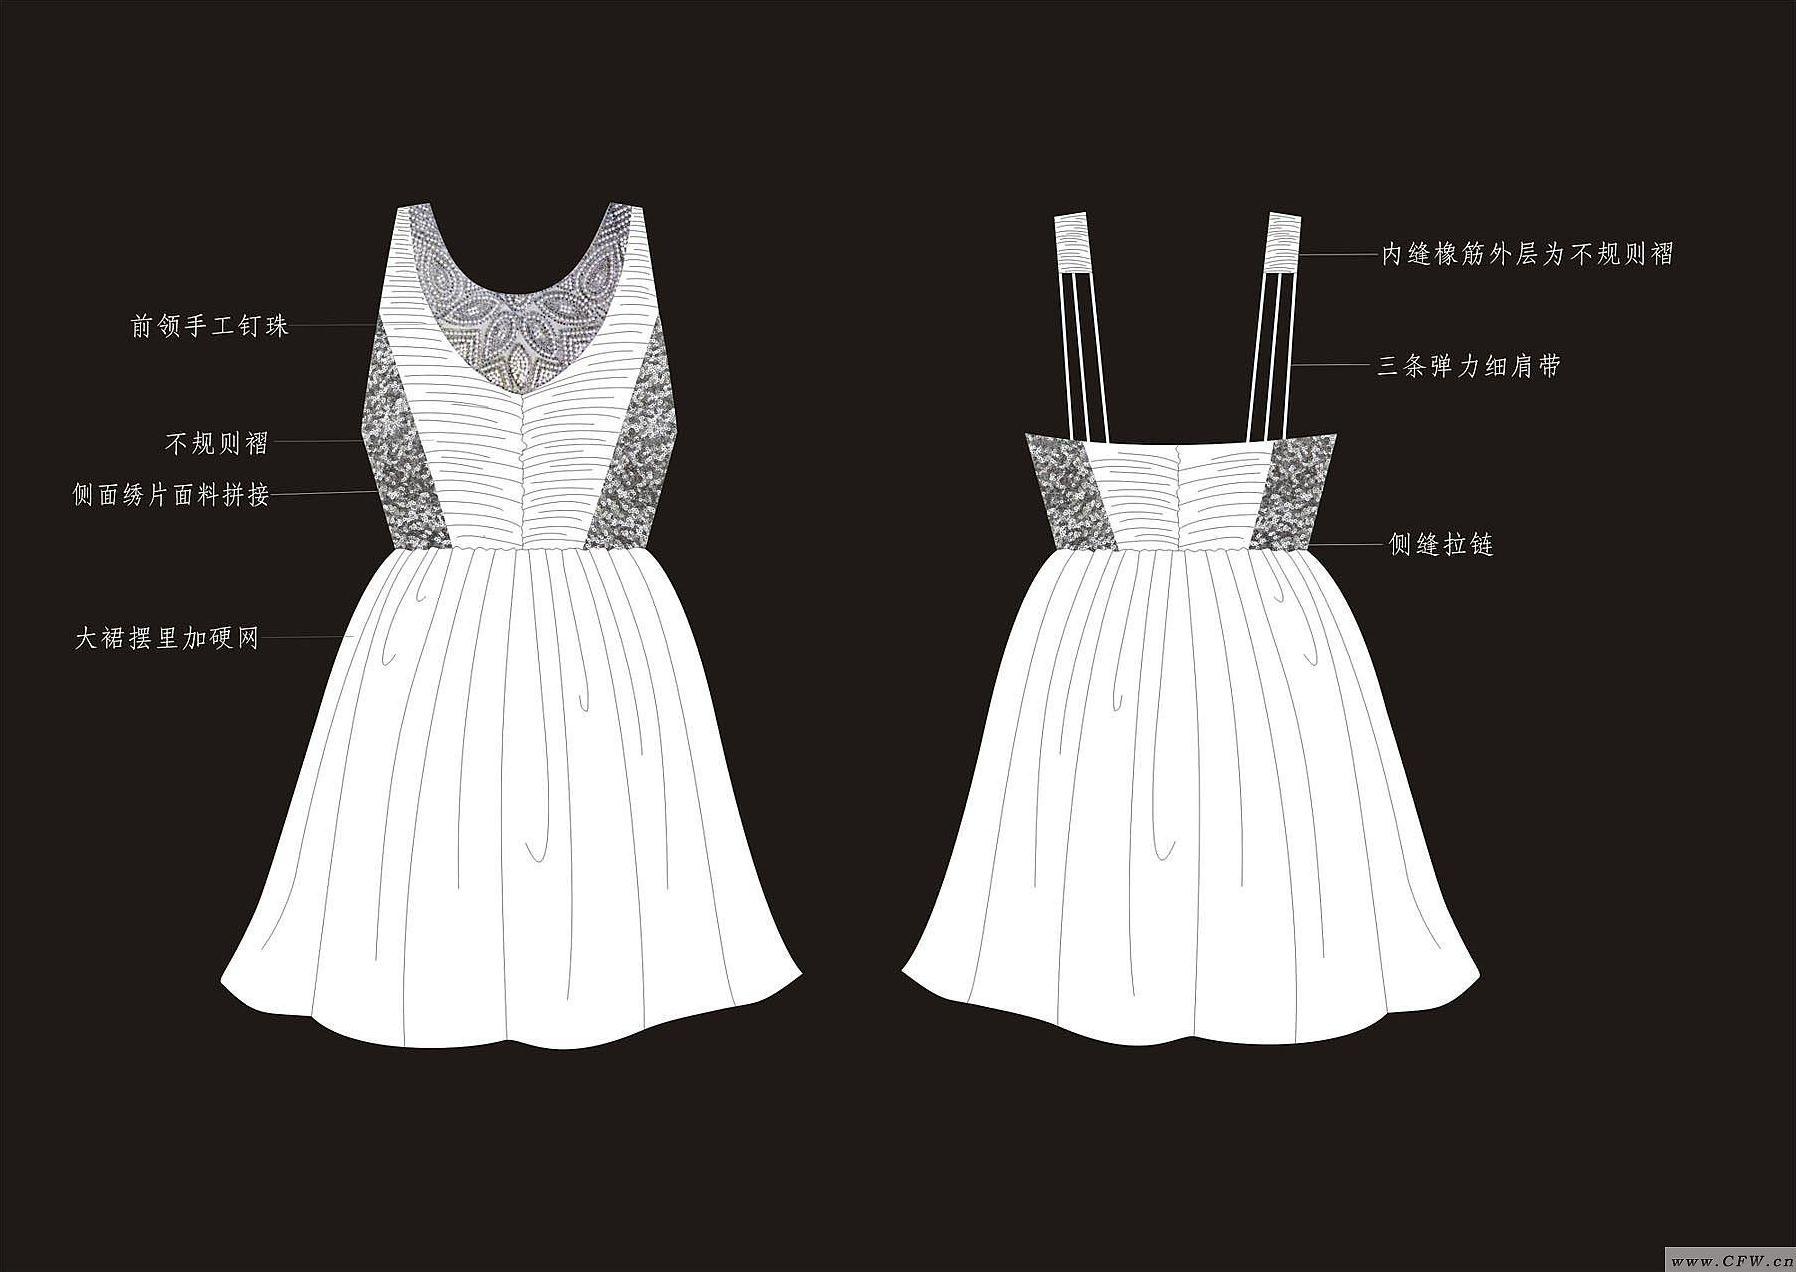 衣服款式图5-女装设计-服装设计